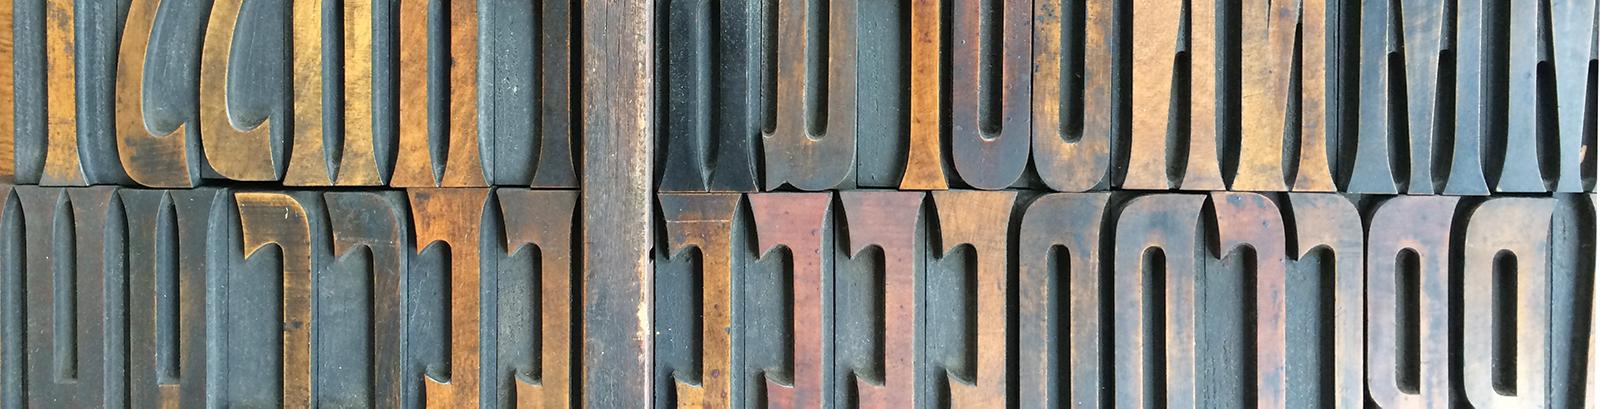 wood type 2